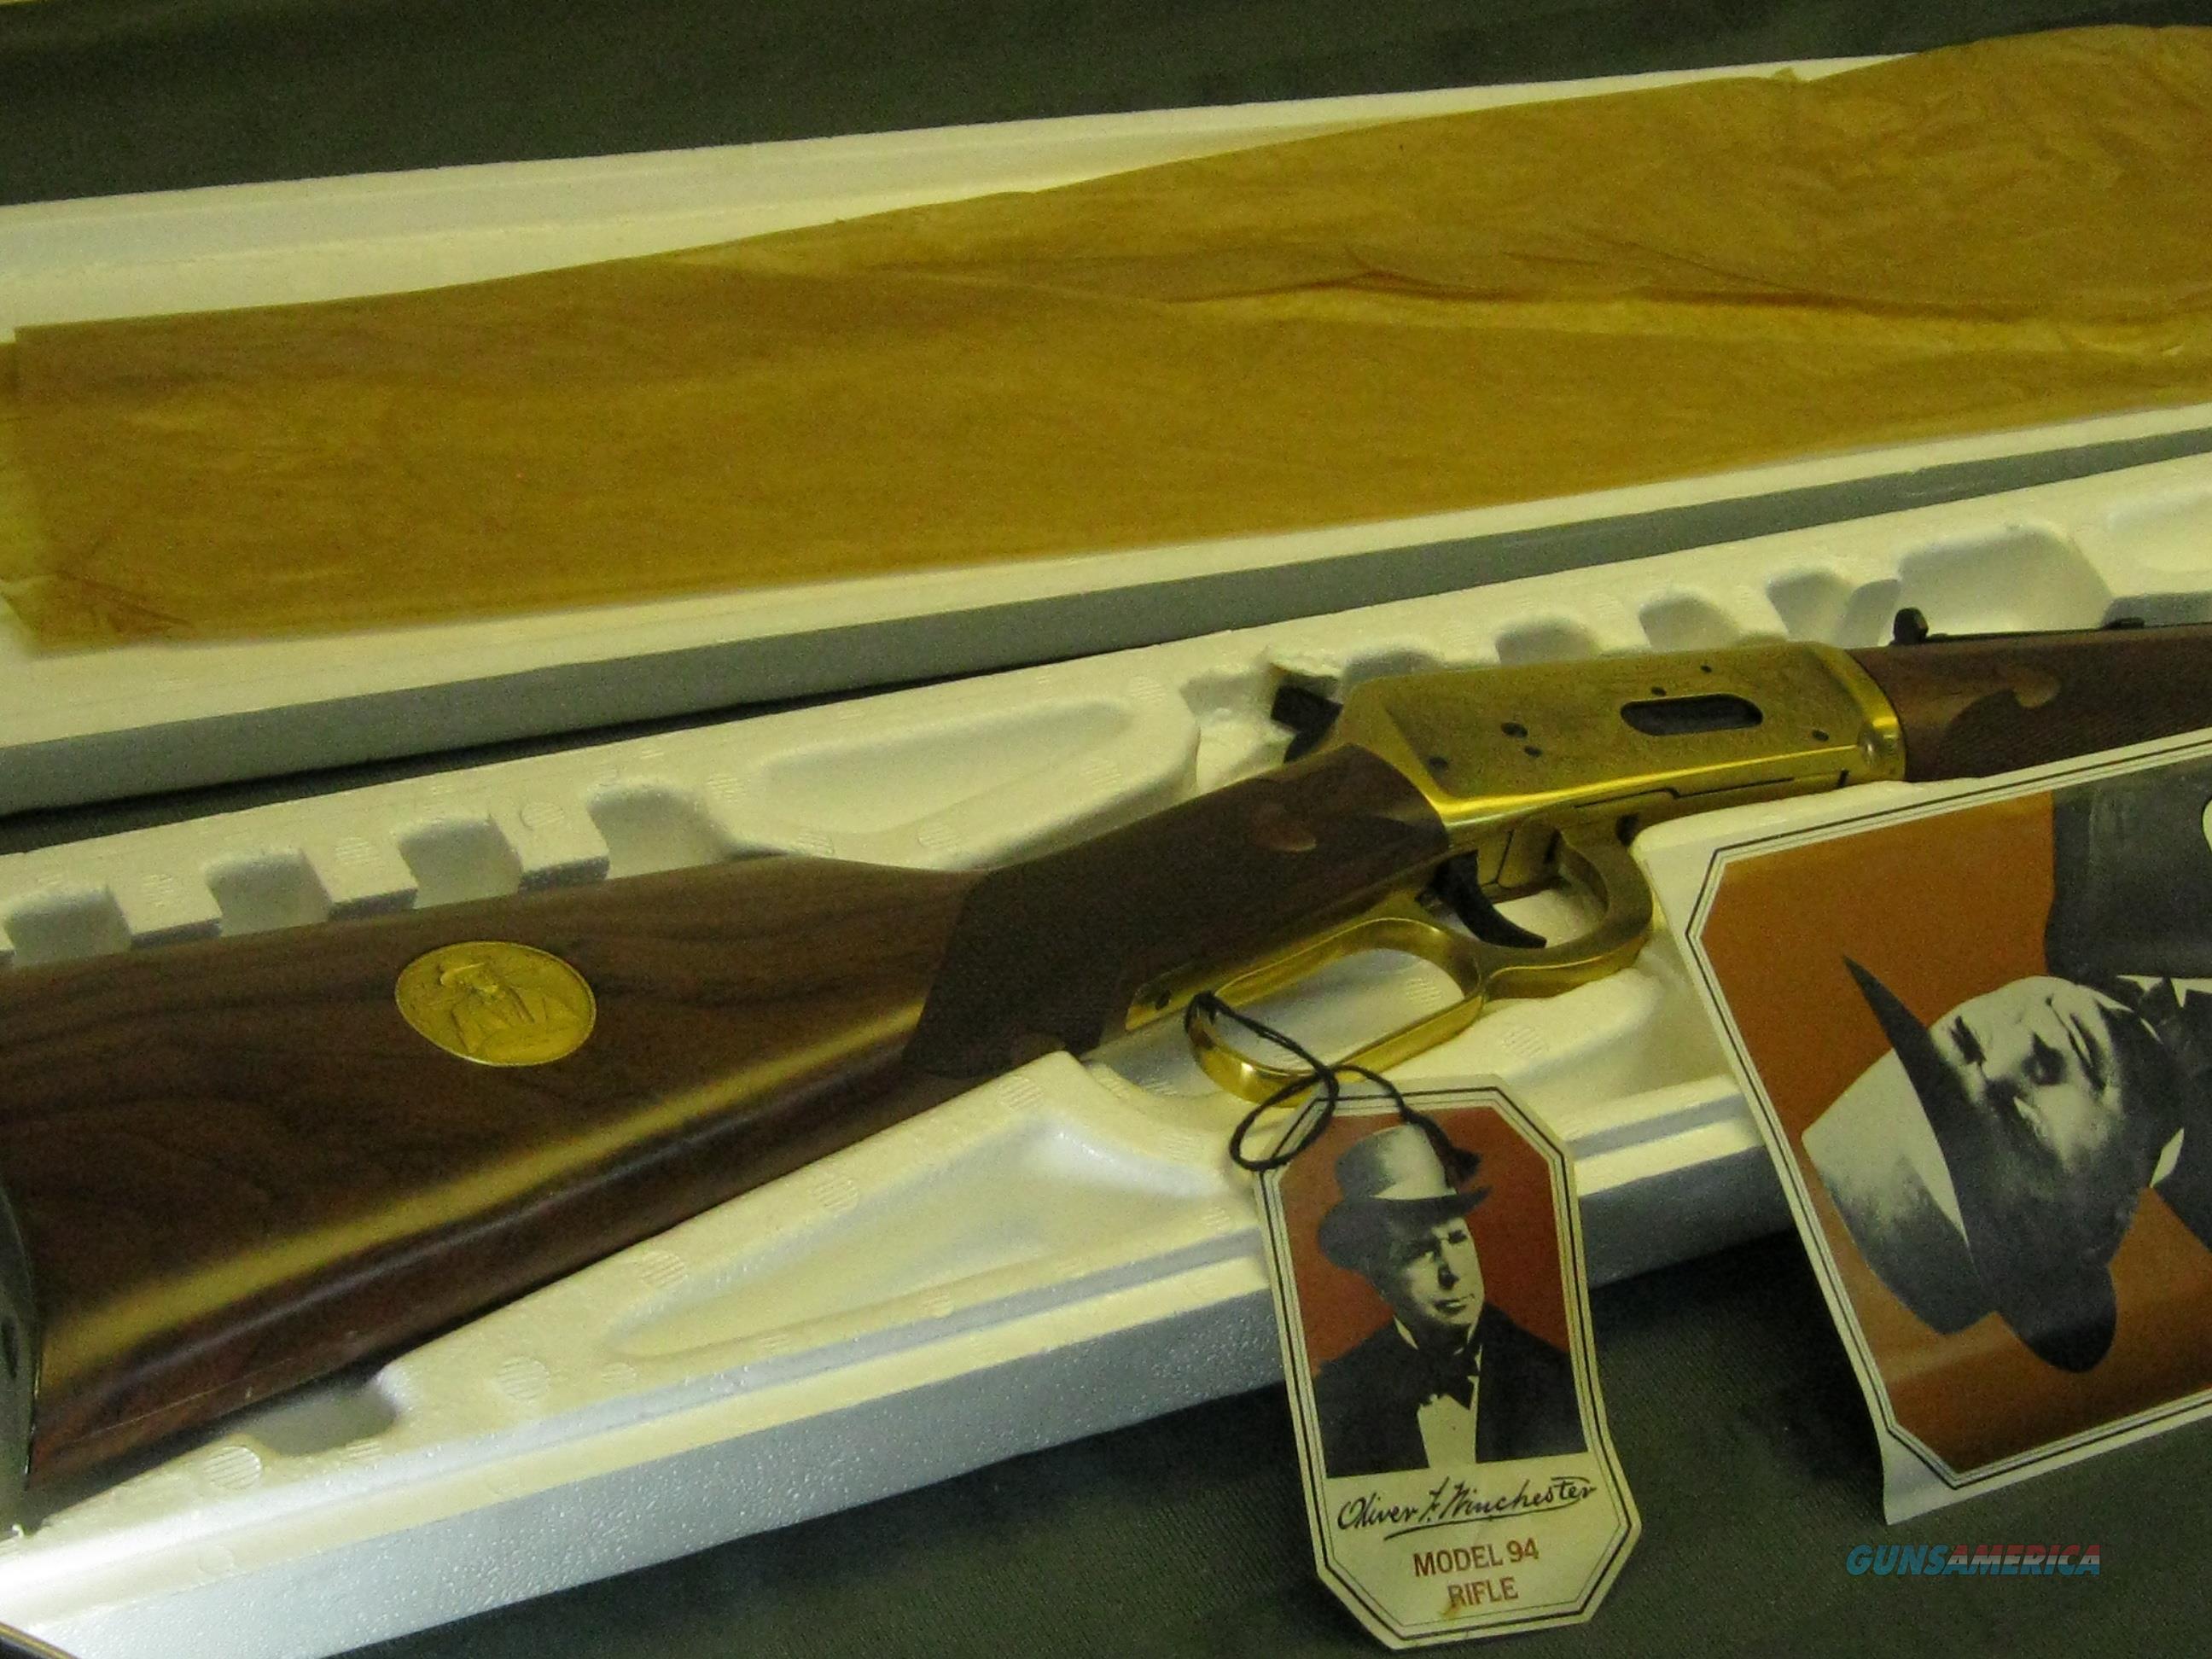 Oliver F. Winchester Winchester Commemorative 1980 NIB   Guns > Rifles > Winchester Rifle Commemoratives